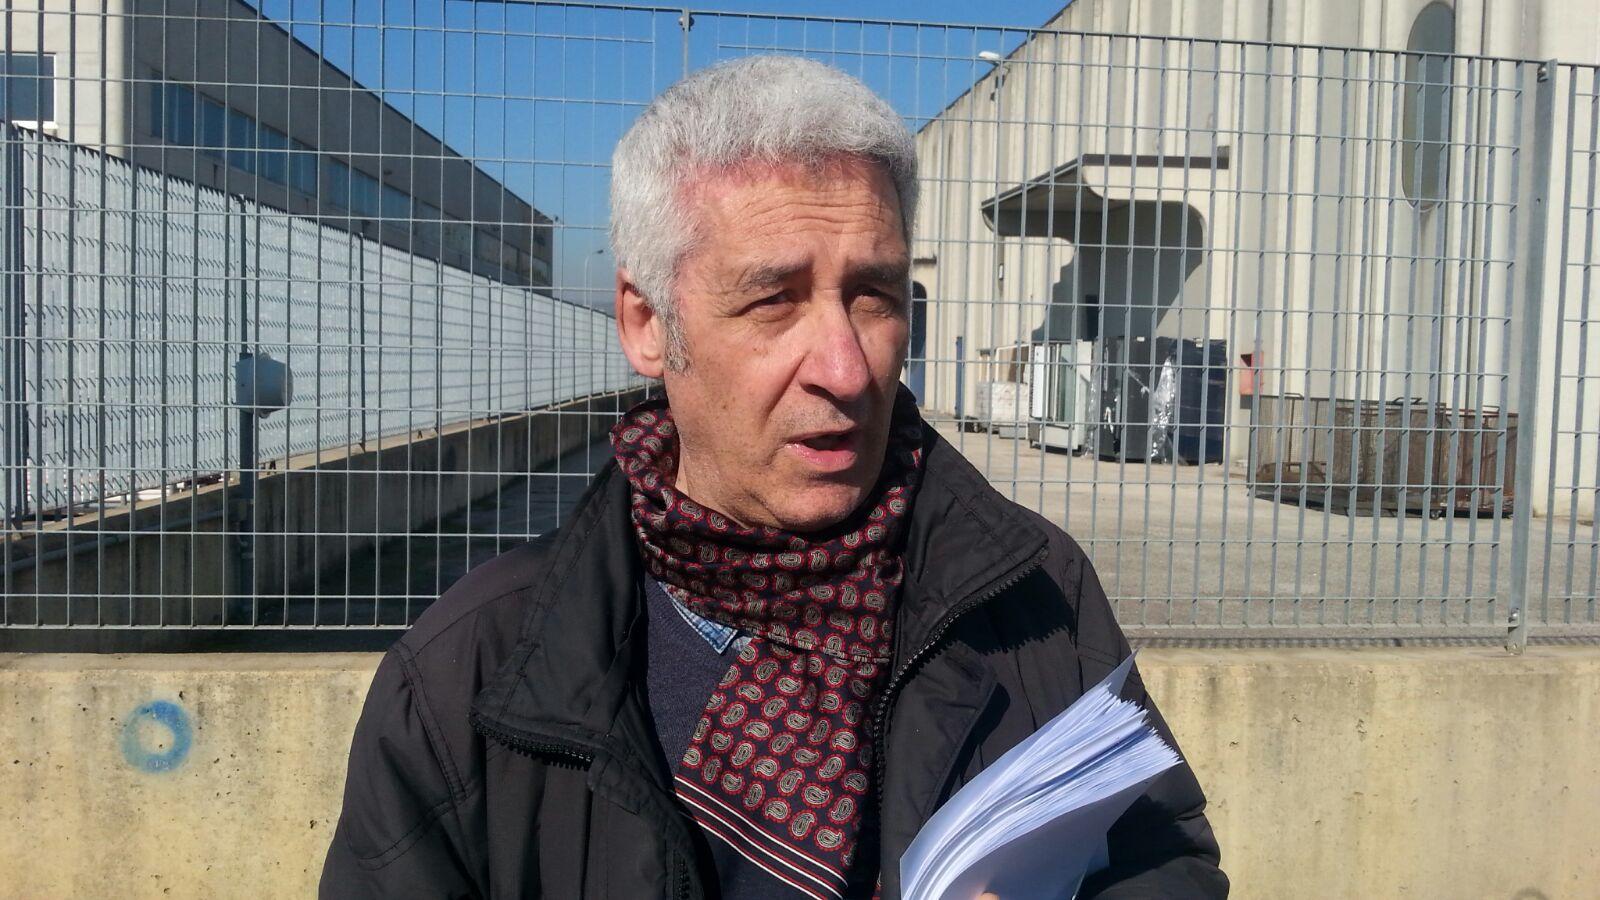 Benevento| Altrabenevento denuncia: nei rioni Ferrovia, Libertà e centro storico acqua pessima